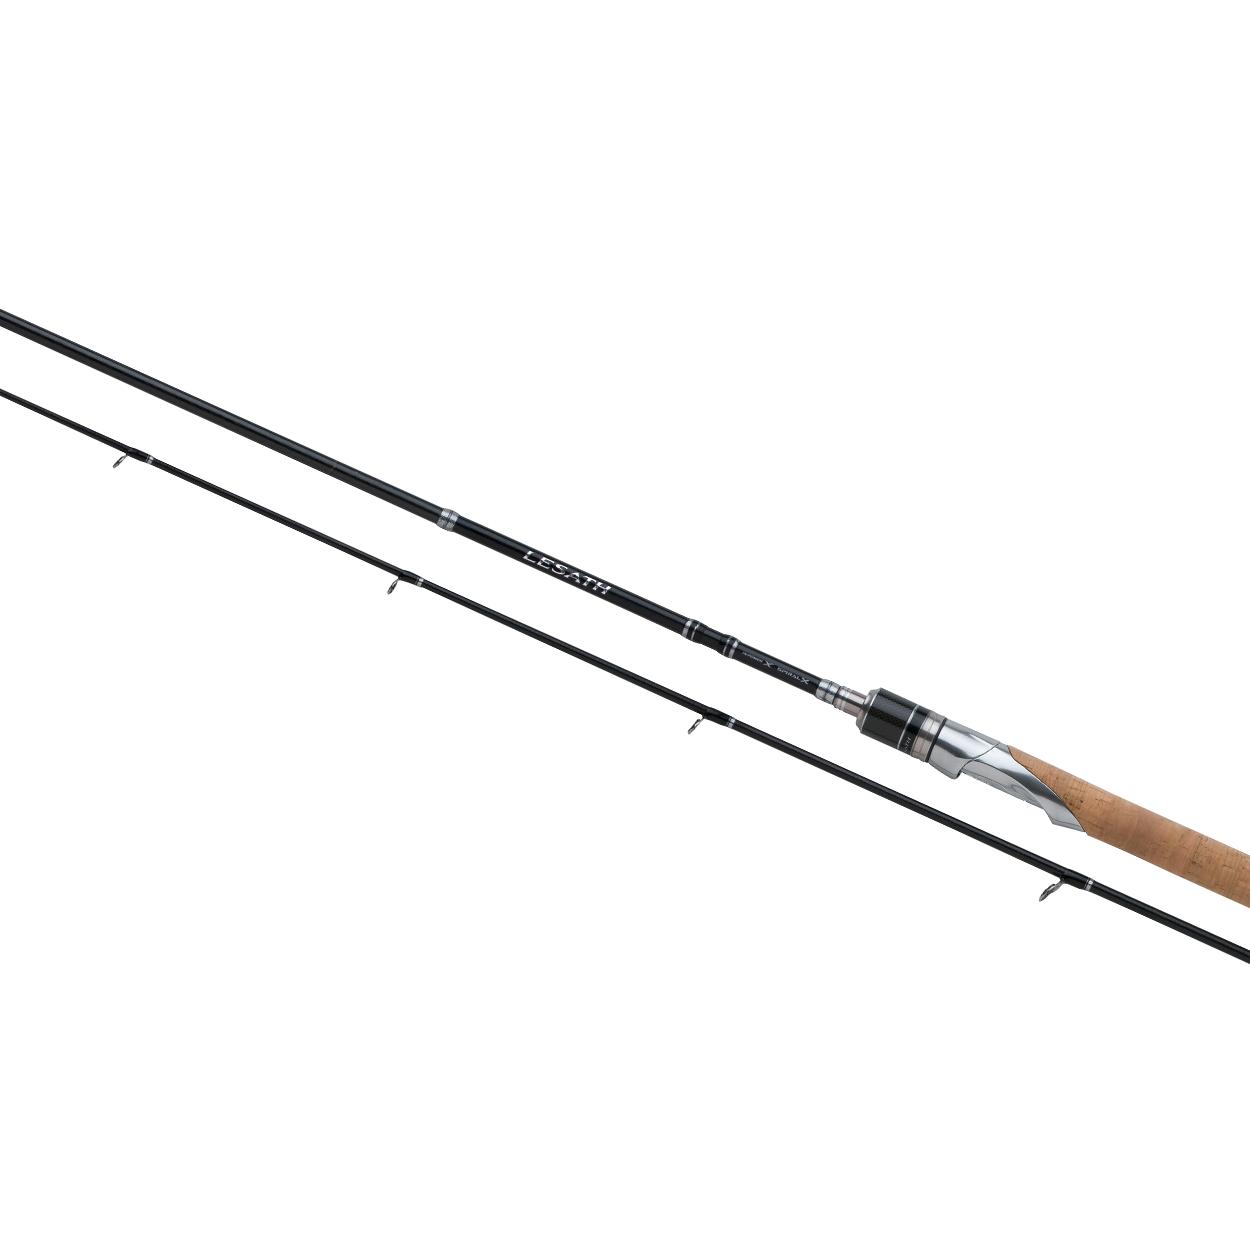 цена на Удилище спиннинговое Shimano LESATH DX SPINNING 270 H (+ Леска в подарок!)